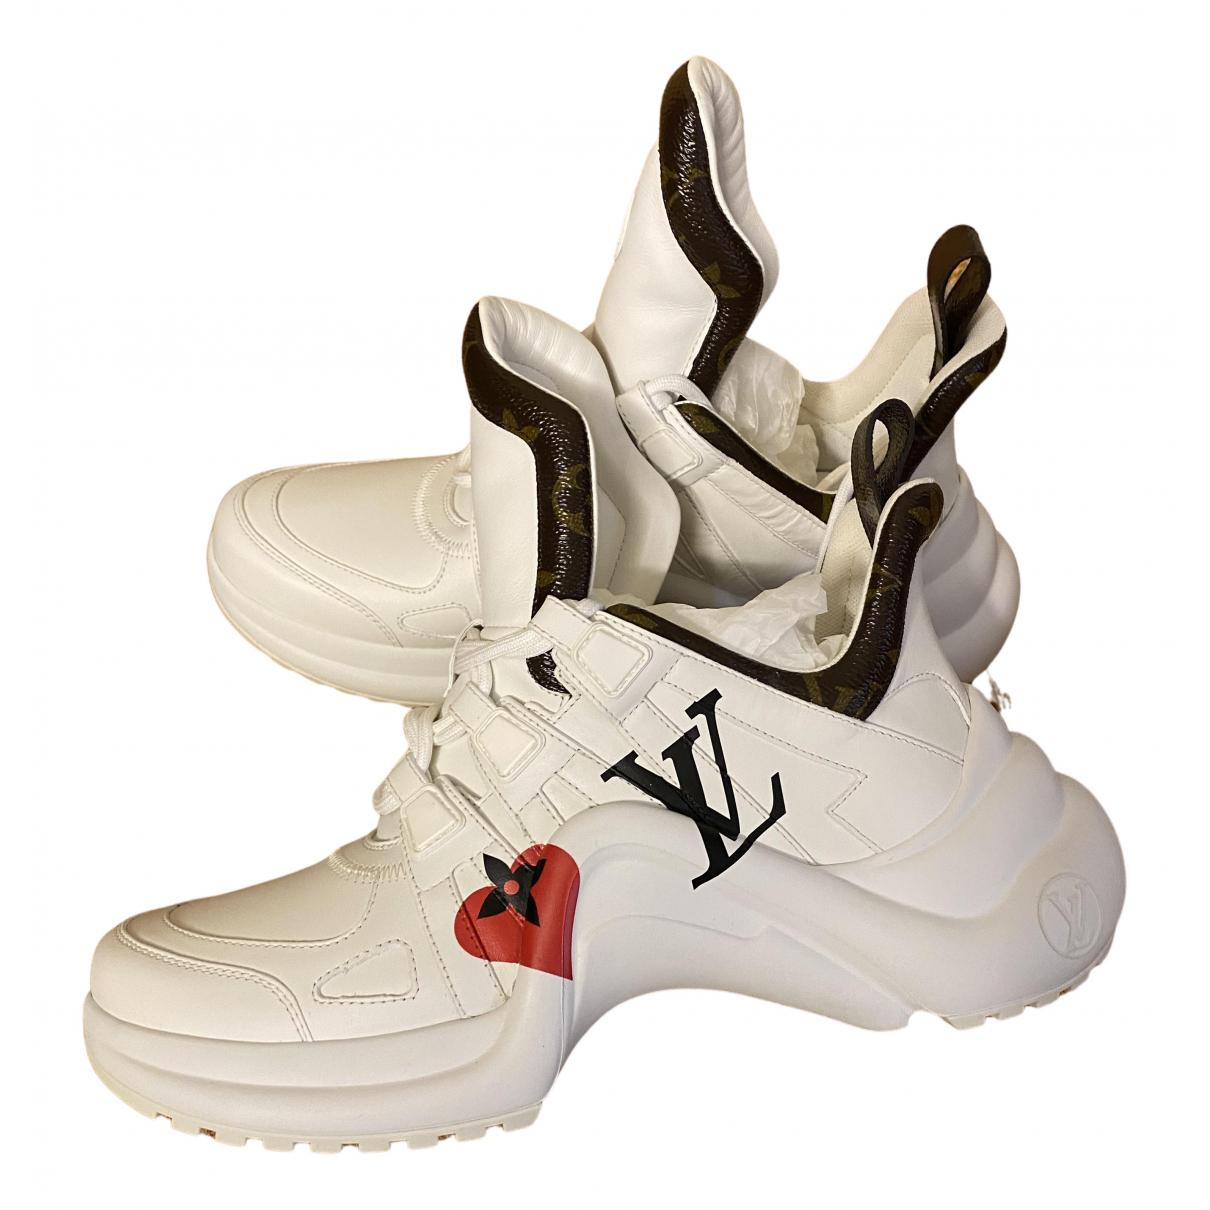 Louis Vuitton - Baskets Archlight pour femme en cuir - blanc